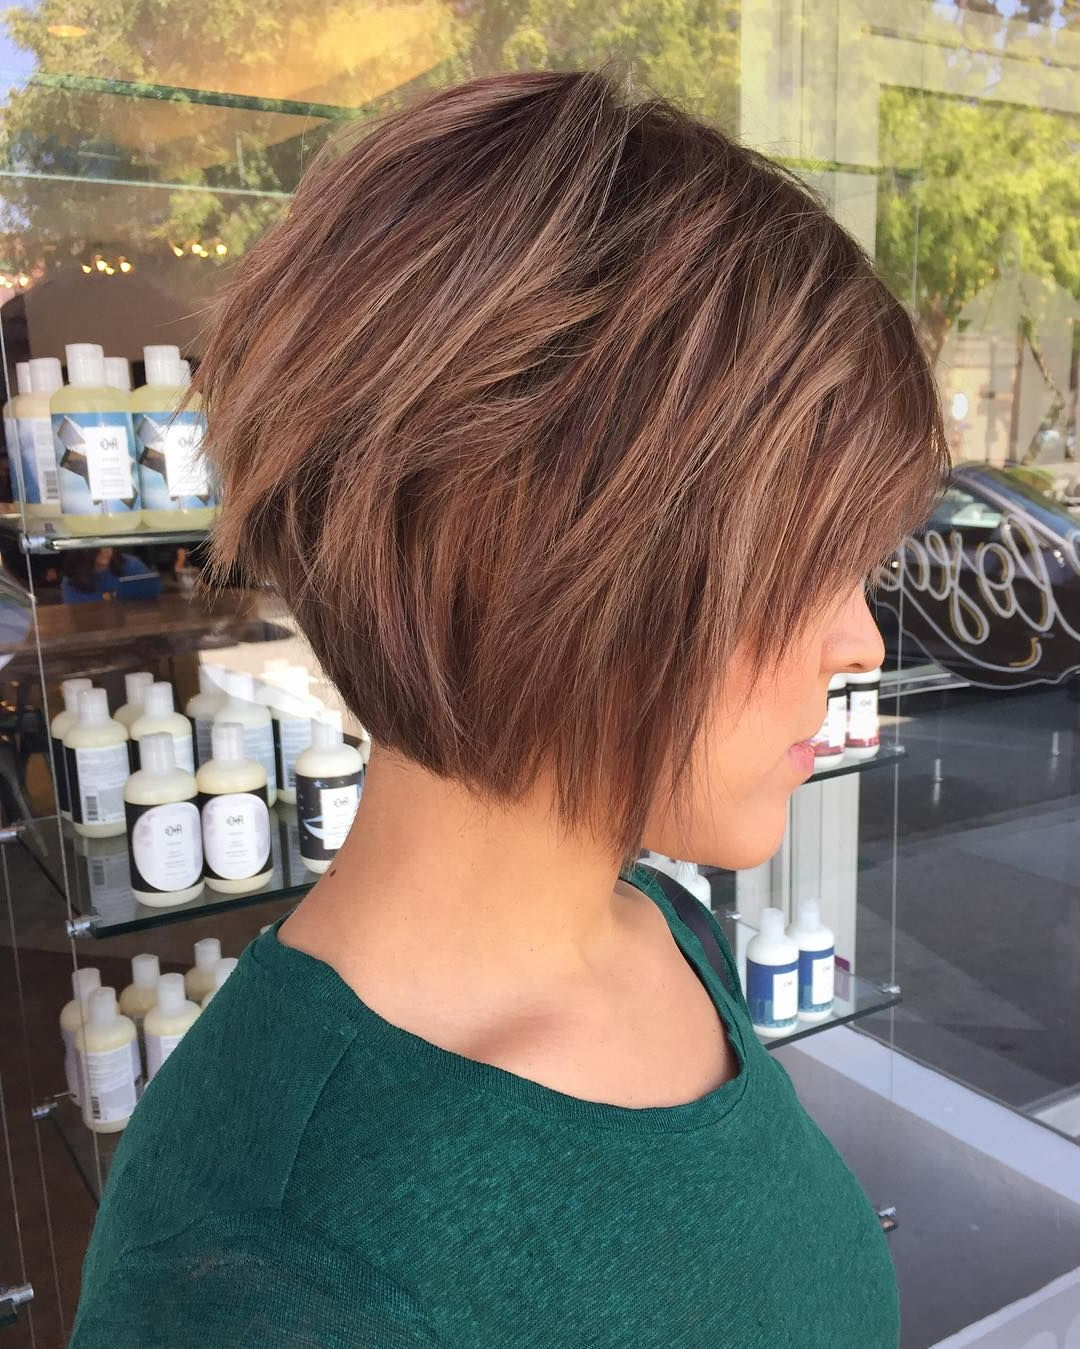 50 Chic Long And Short Layered Bob Haircuts — Dazzle With Pertaining To Layered Short Bob Haircuts (View 2 of 20)